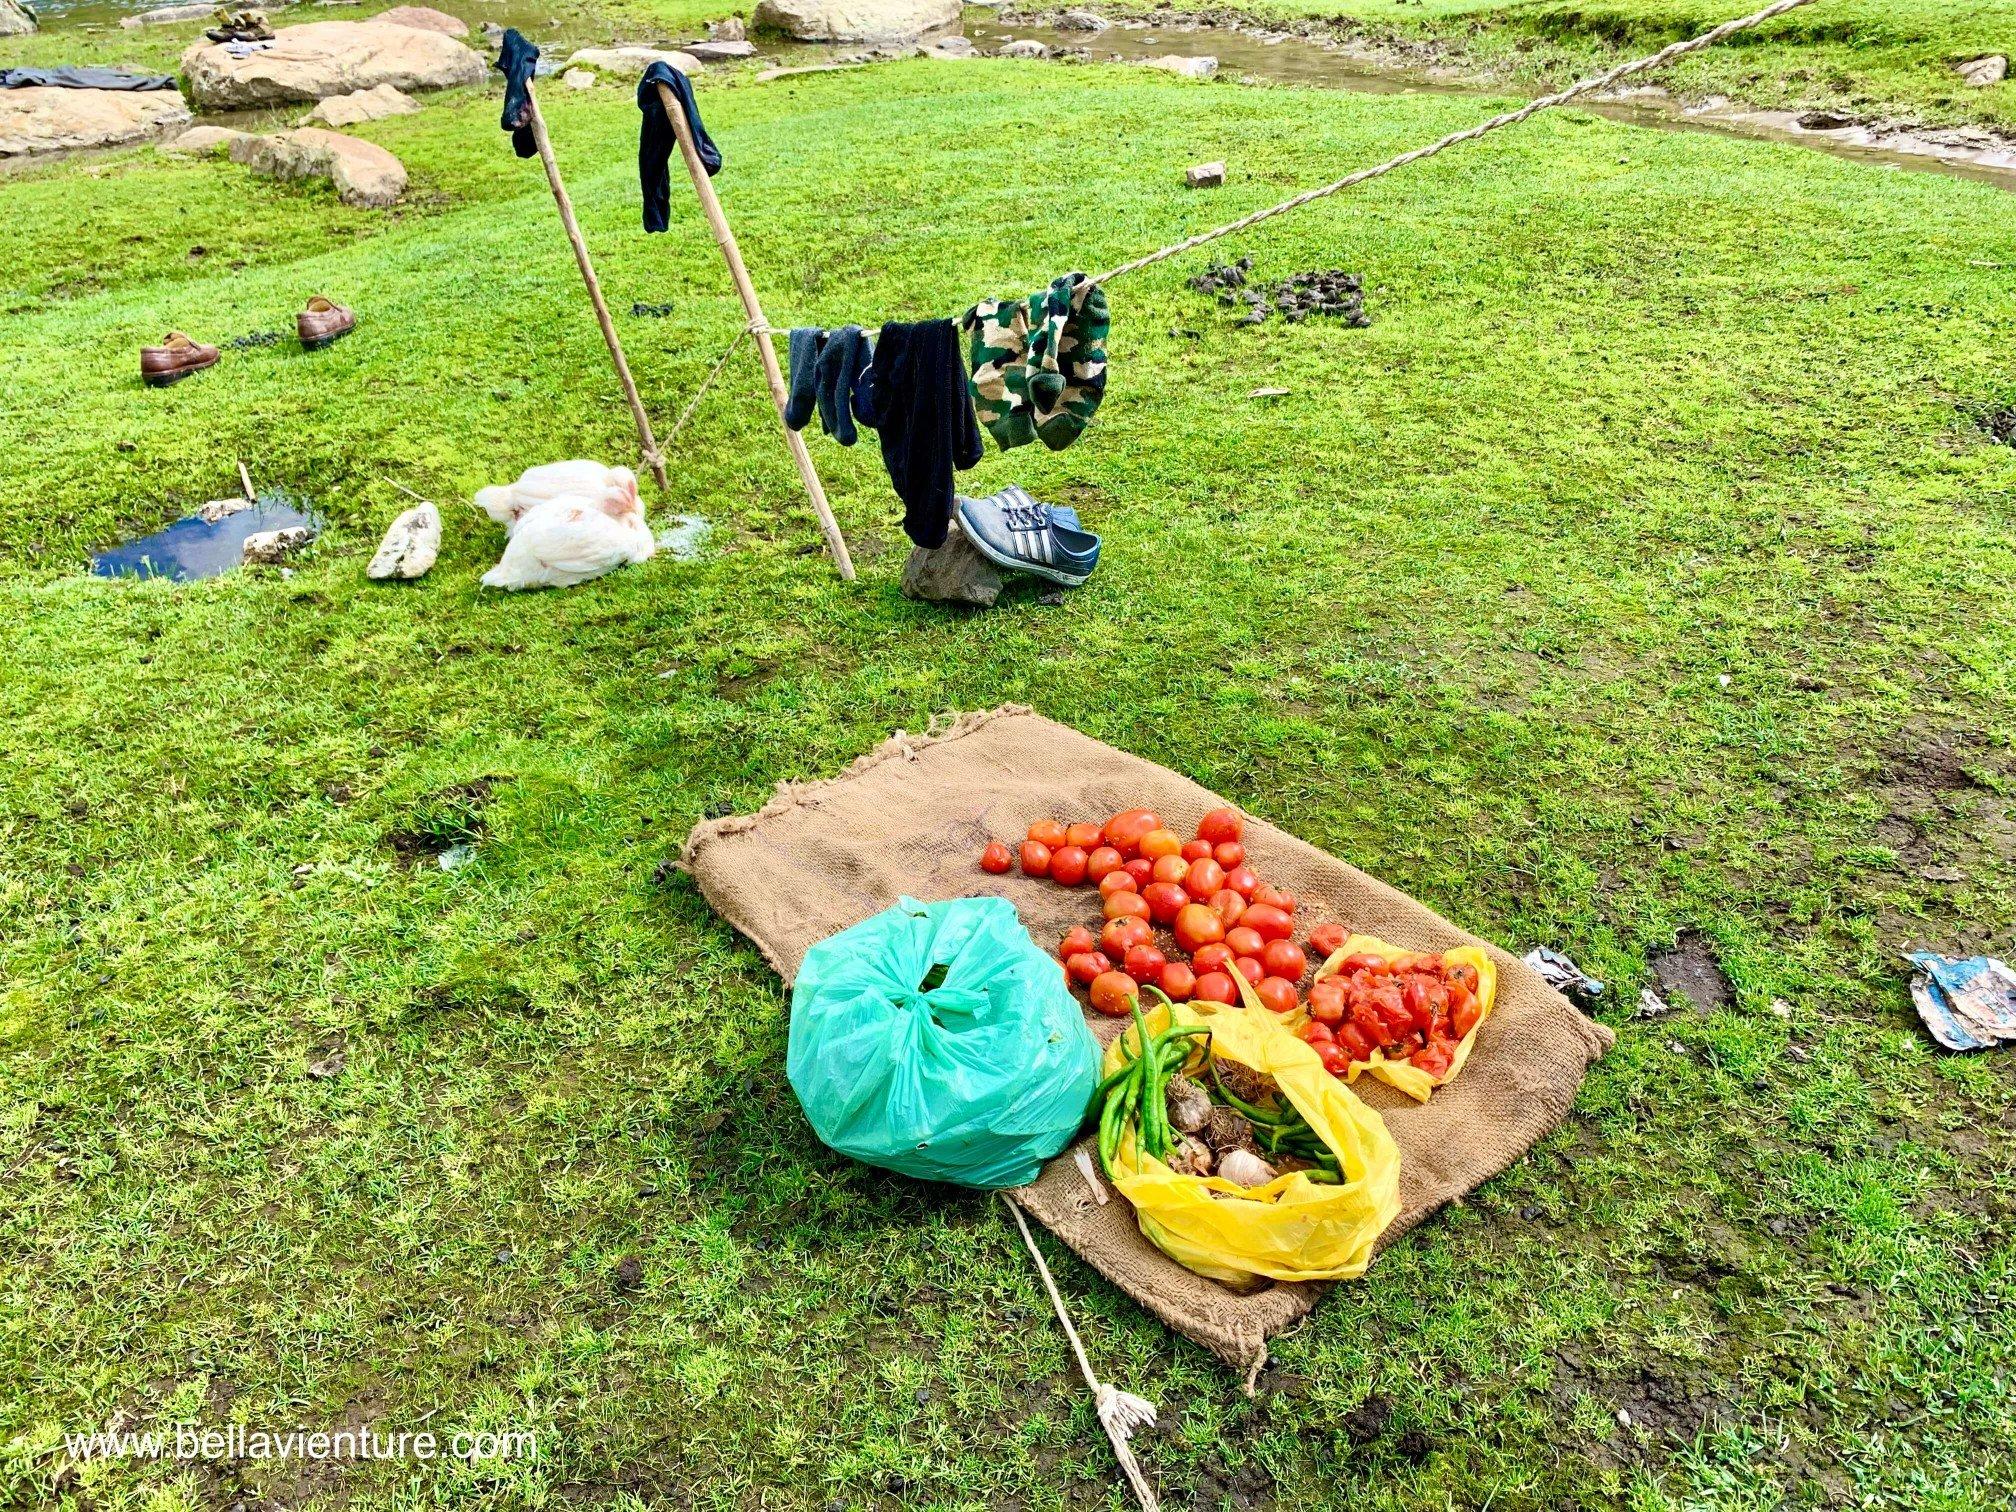 印度 India 北北印 North India 喀什米爾  Kashmir 八天七夜 健行 日光浴的番茄與土雞